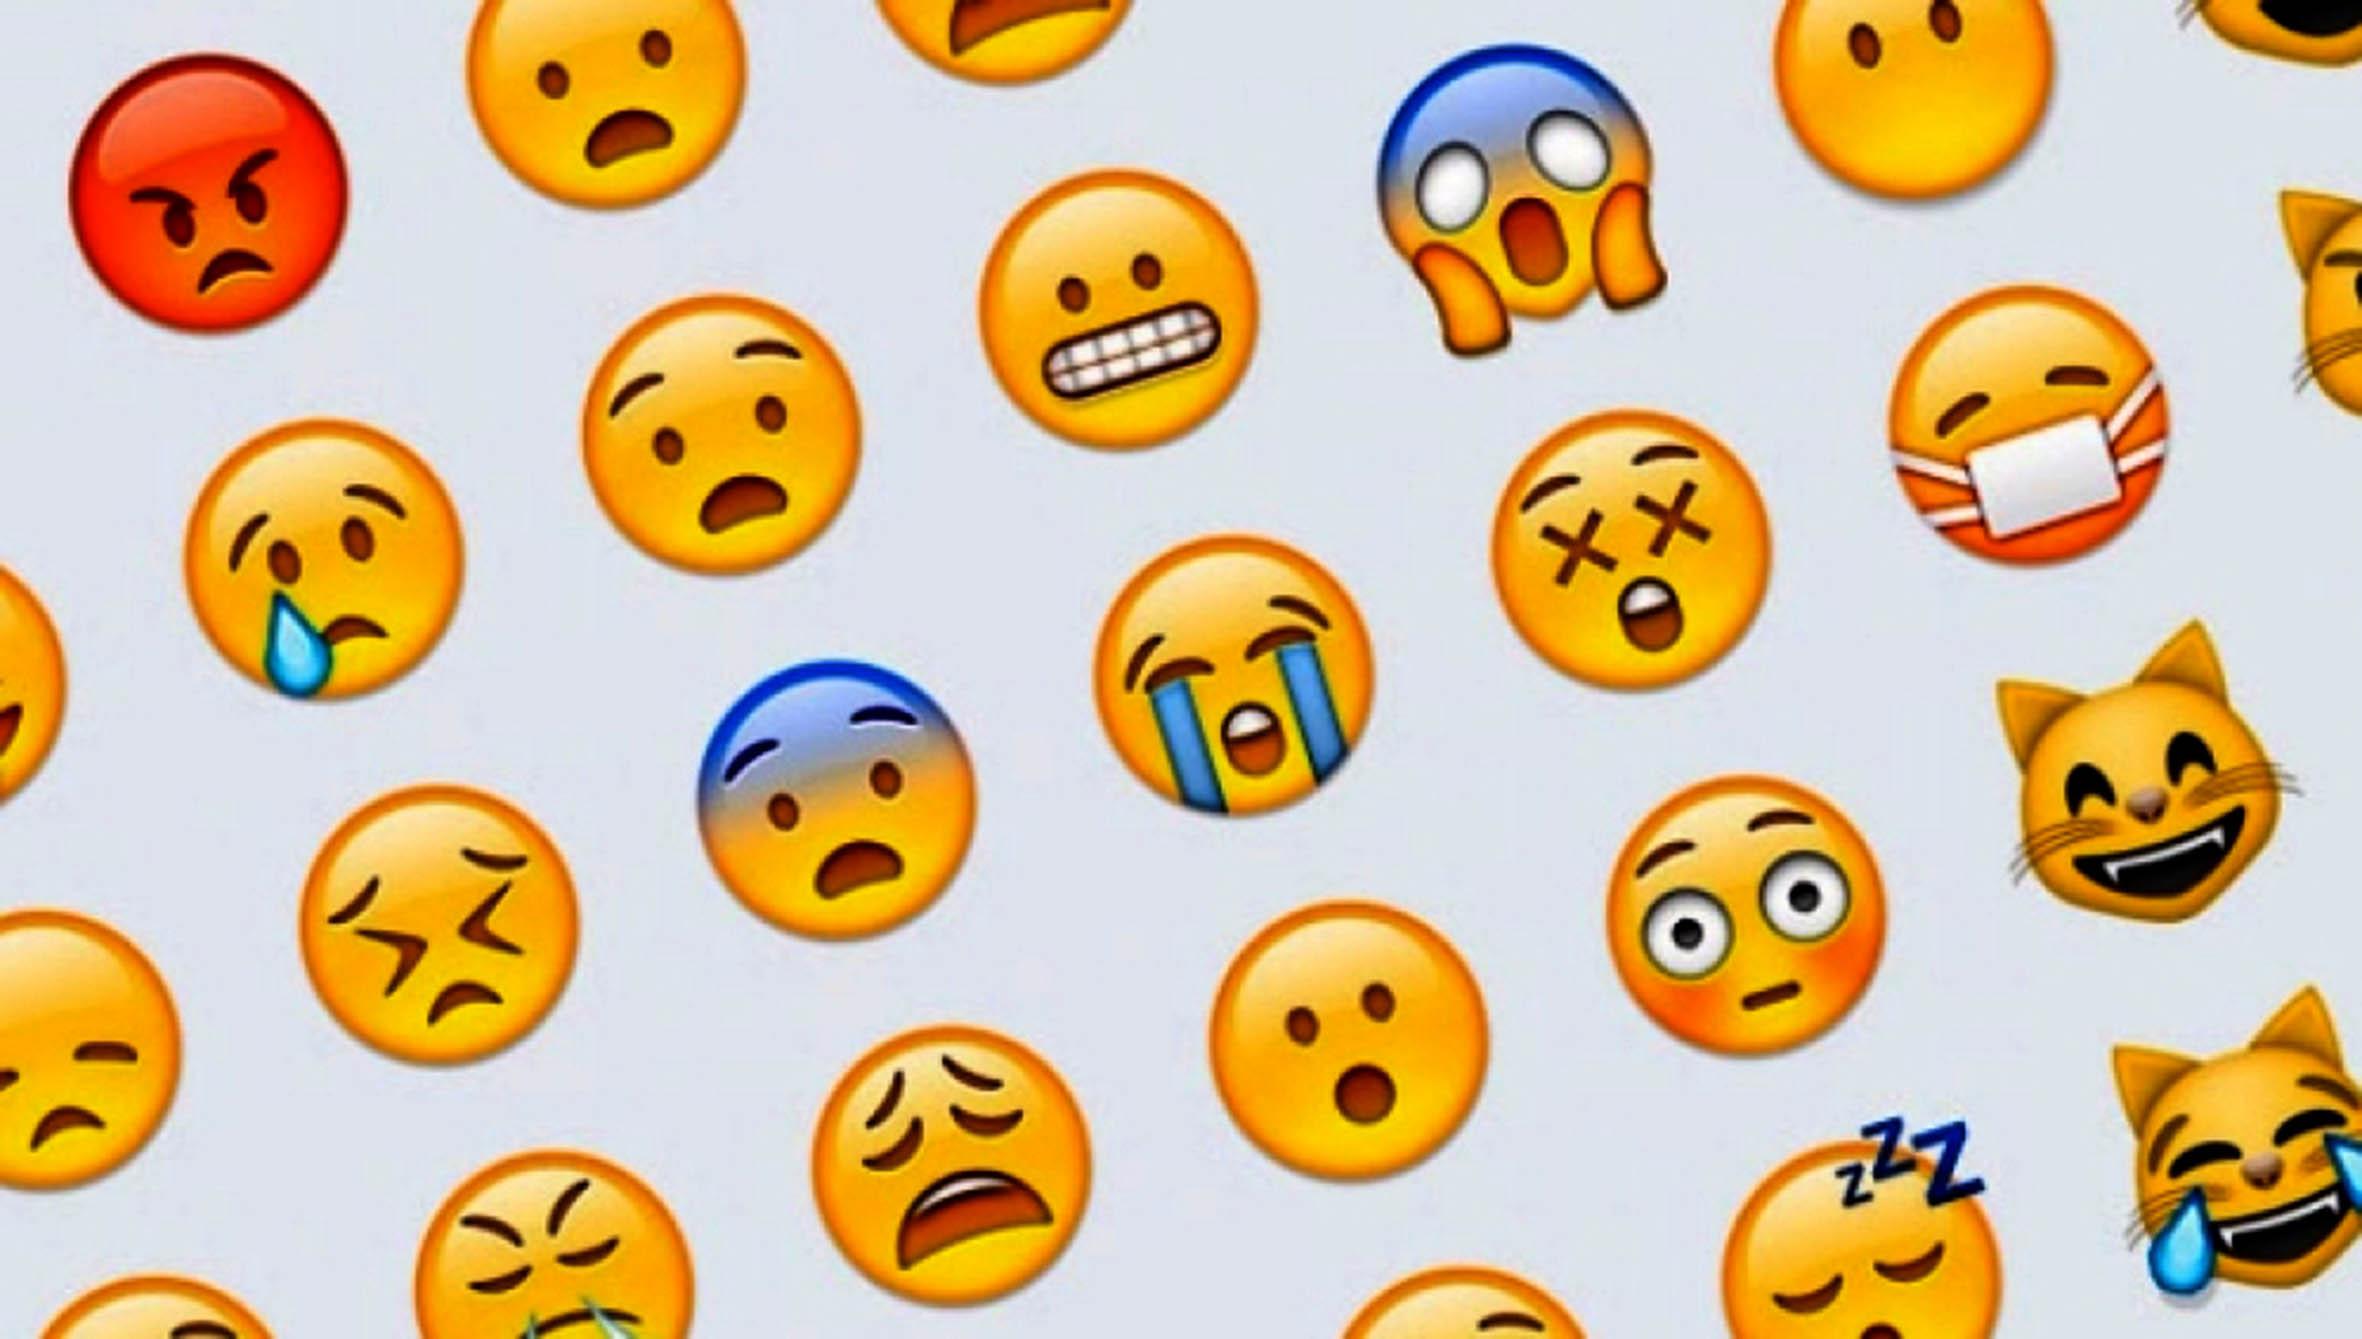 La amistad en Redes Sociales concepto trivial y efímero